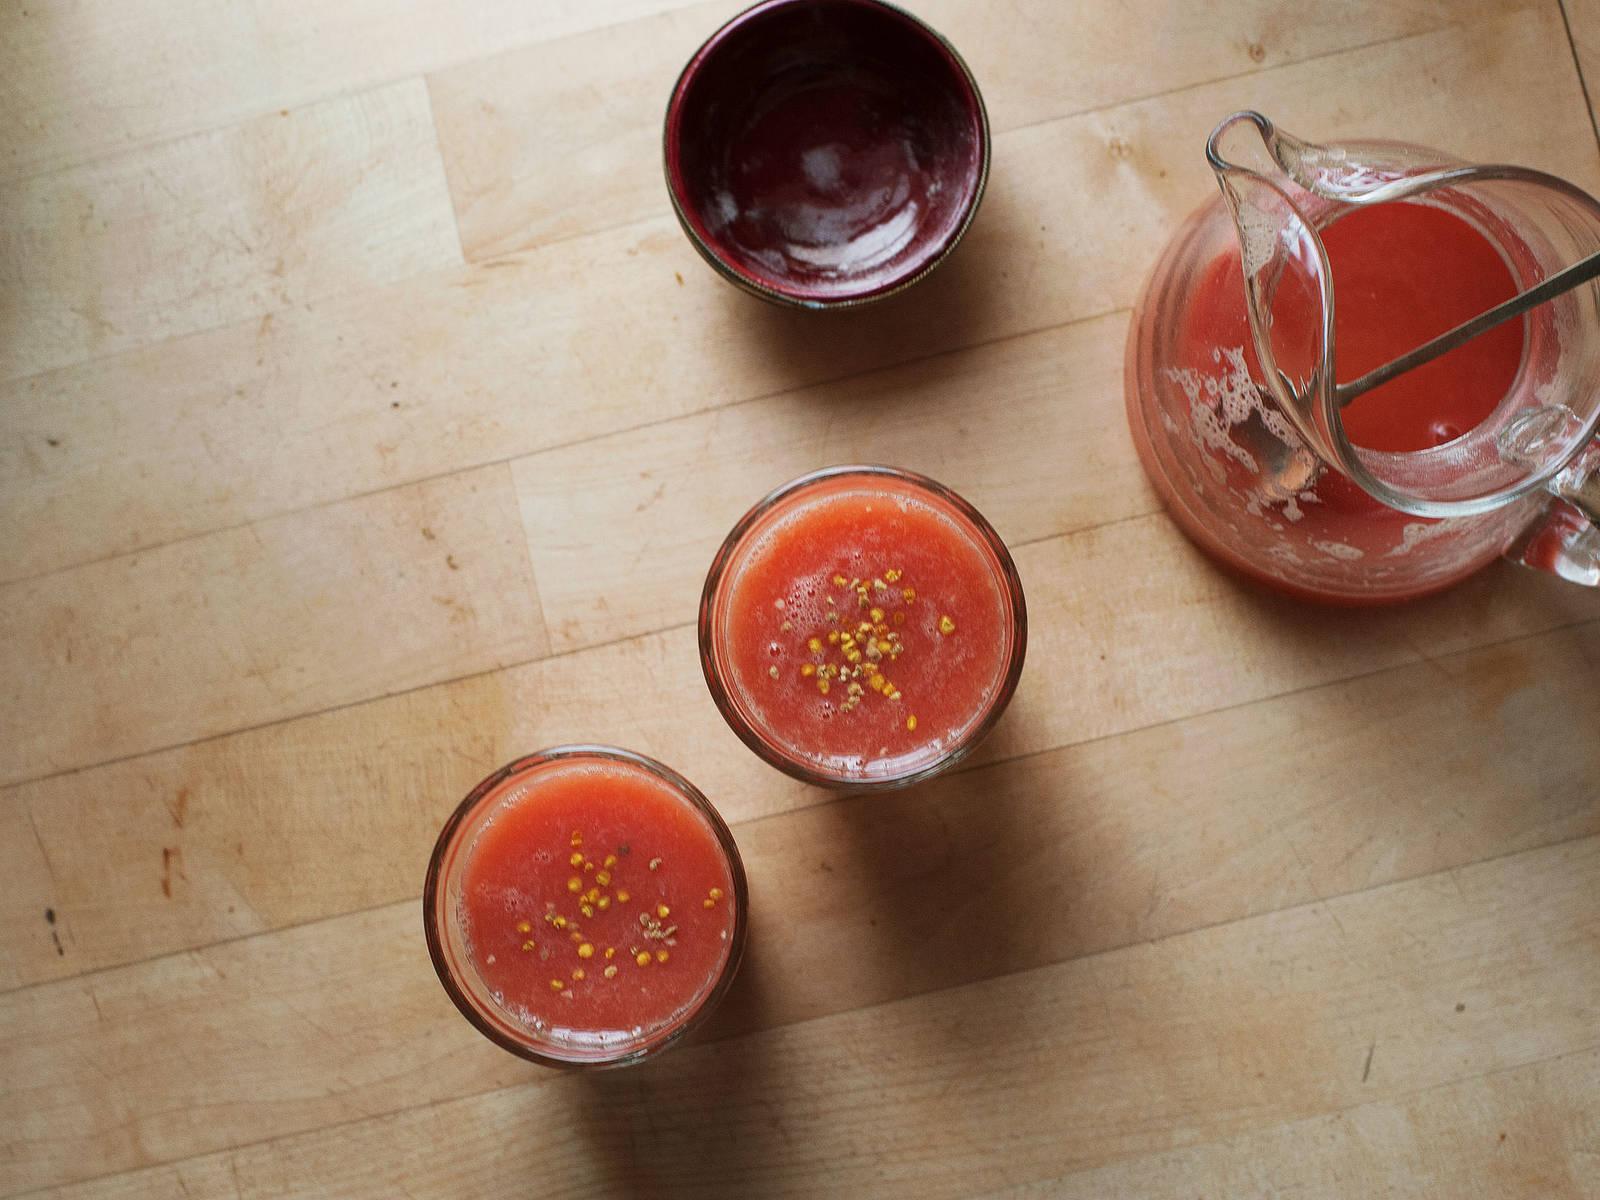 In Gläser geben, mit Blütenpollen garnieren und genießen!